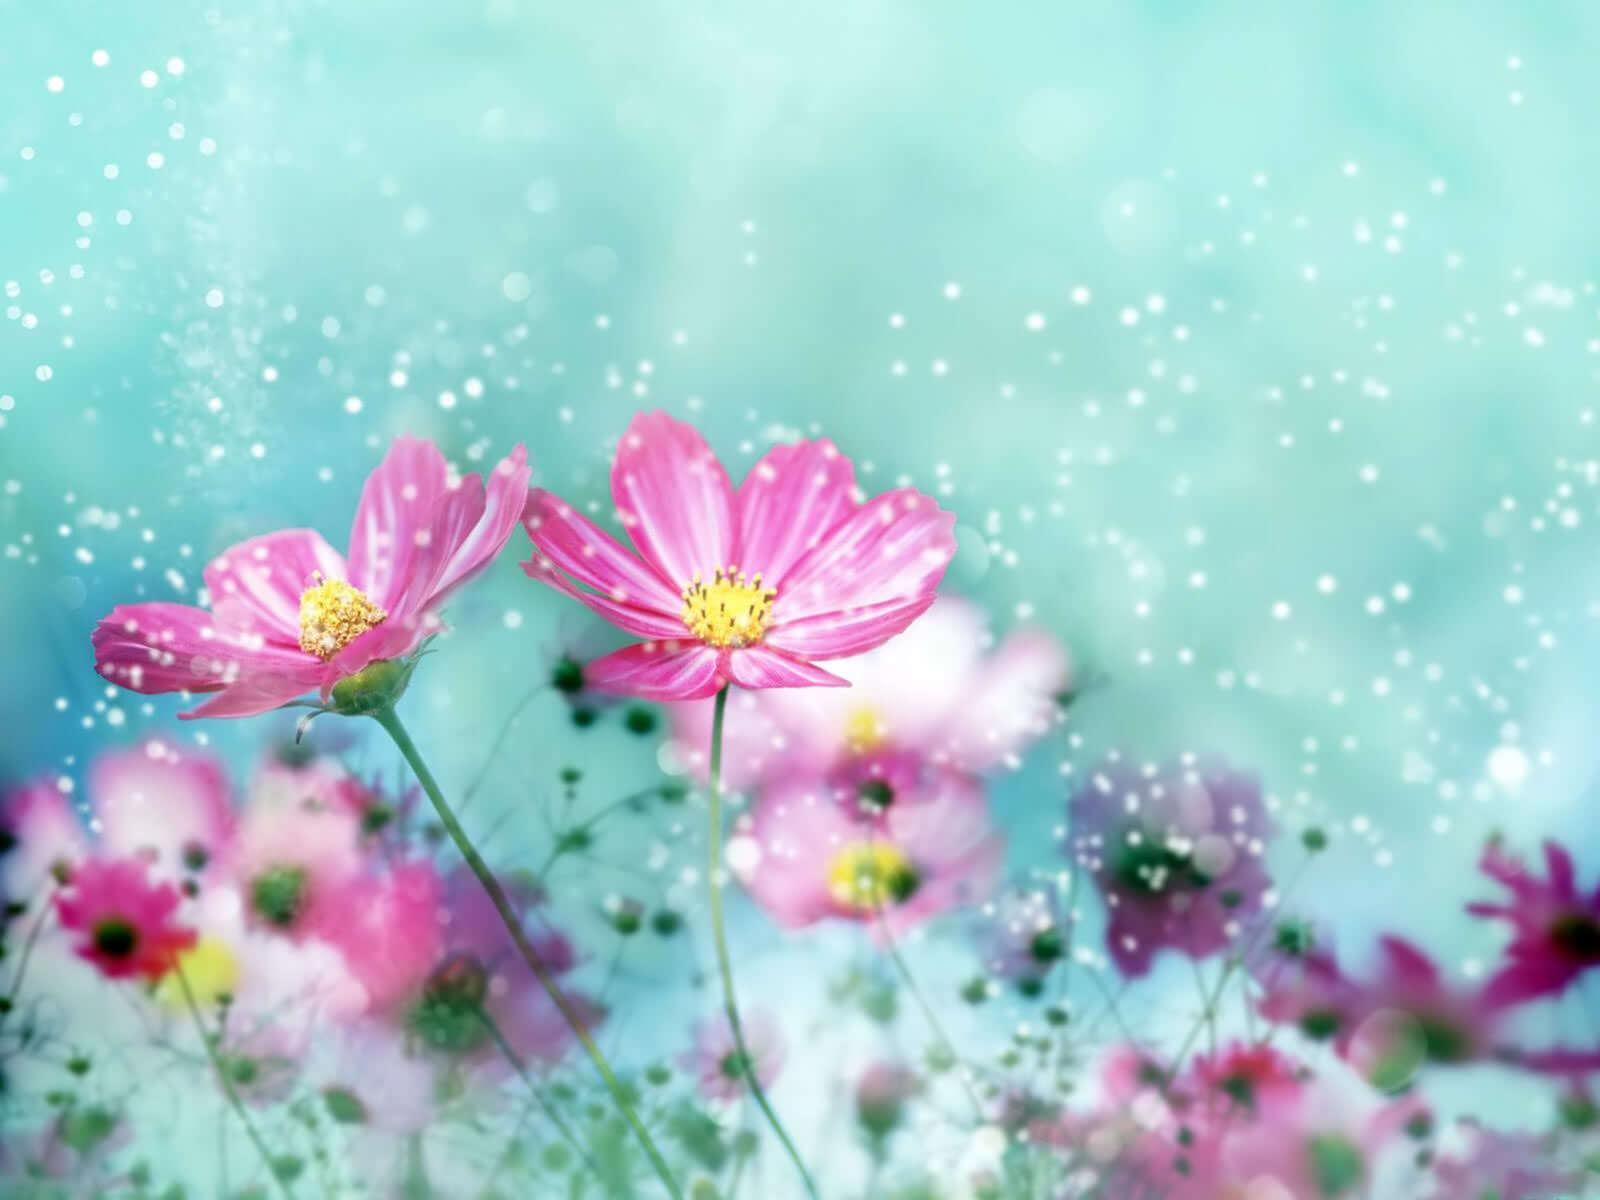 רקע של פרחים יפים